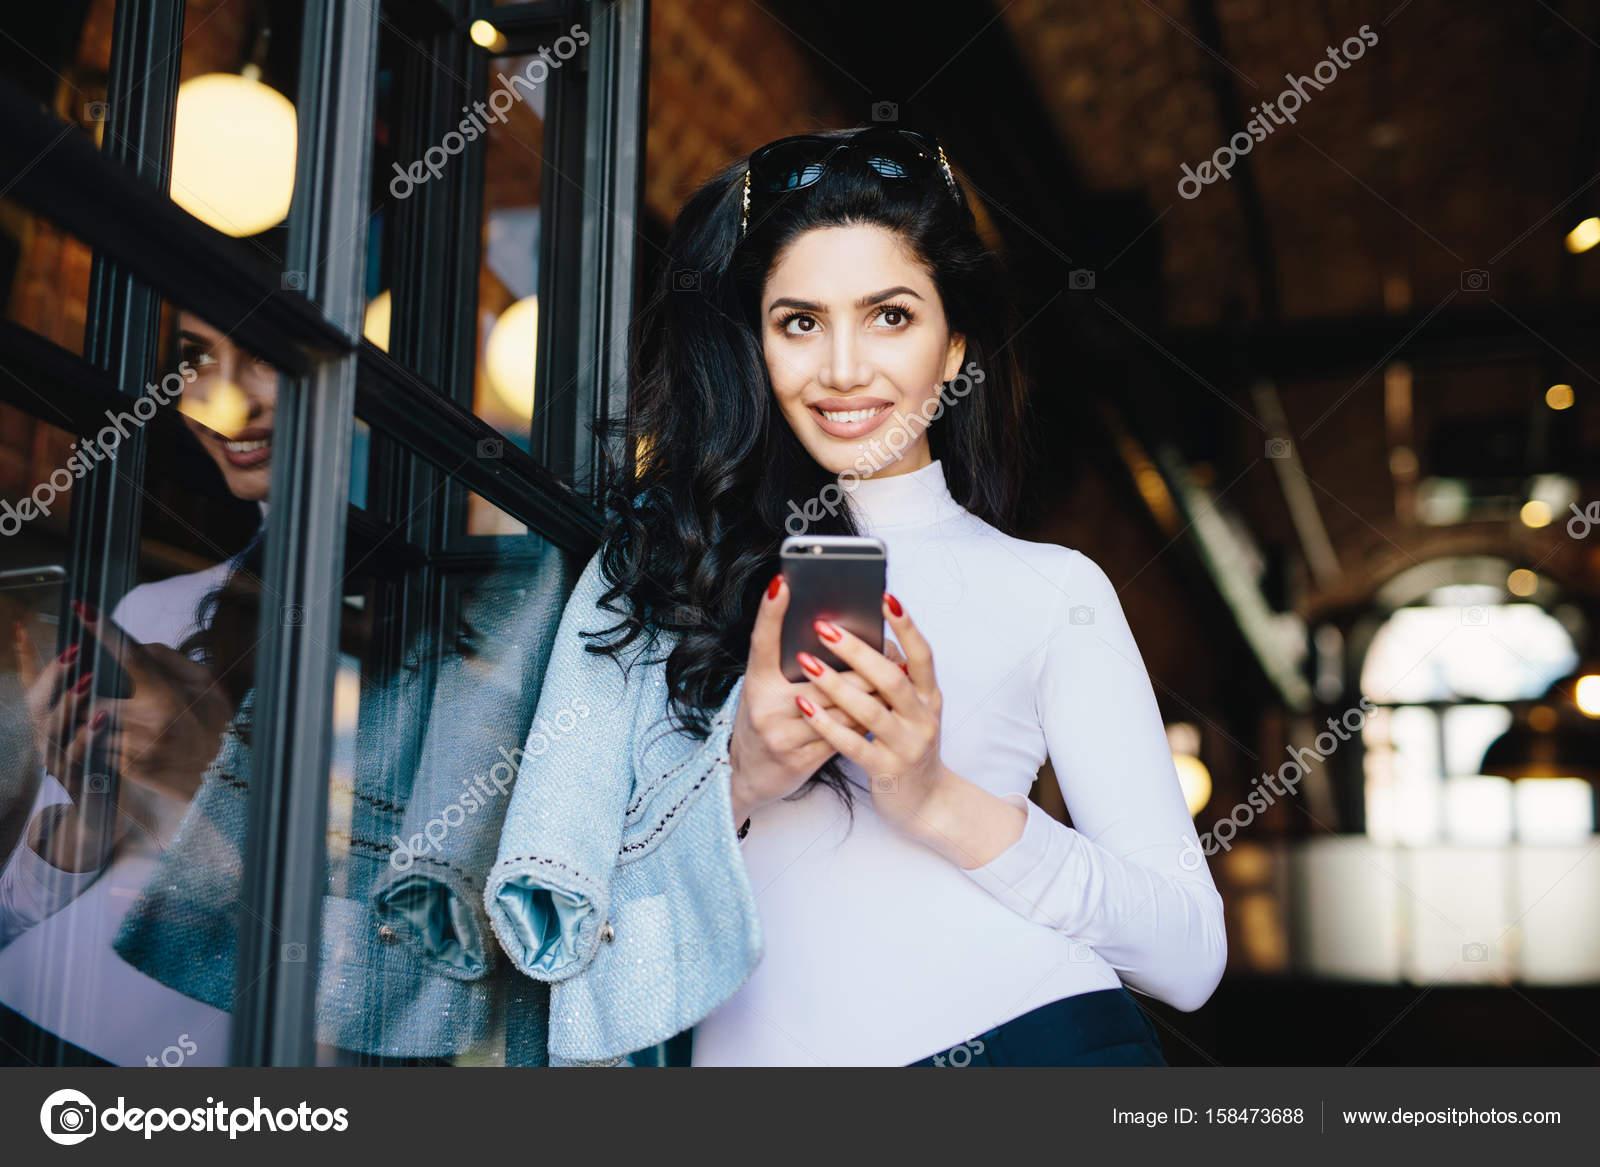 a46790ee9962fe Aantrekkelijke vrouw met donker haar